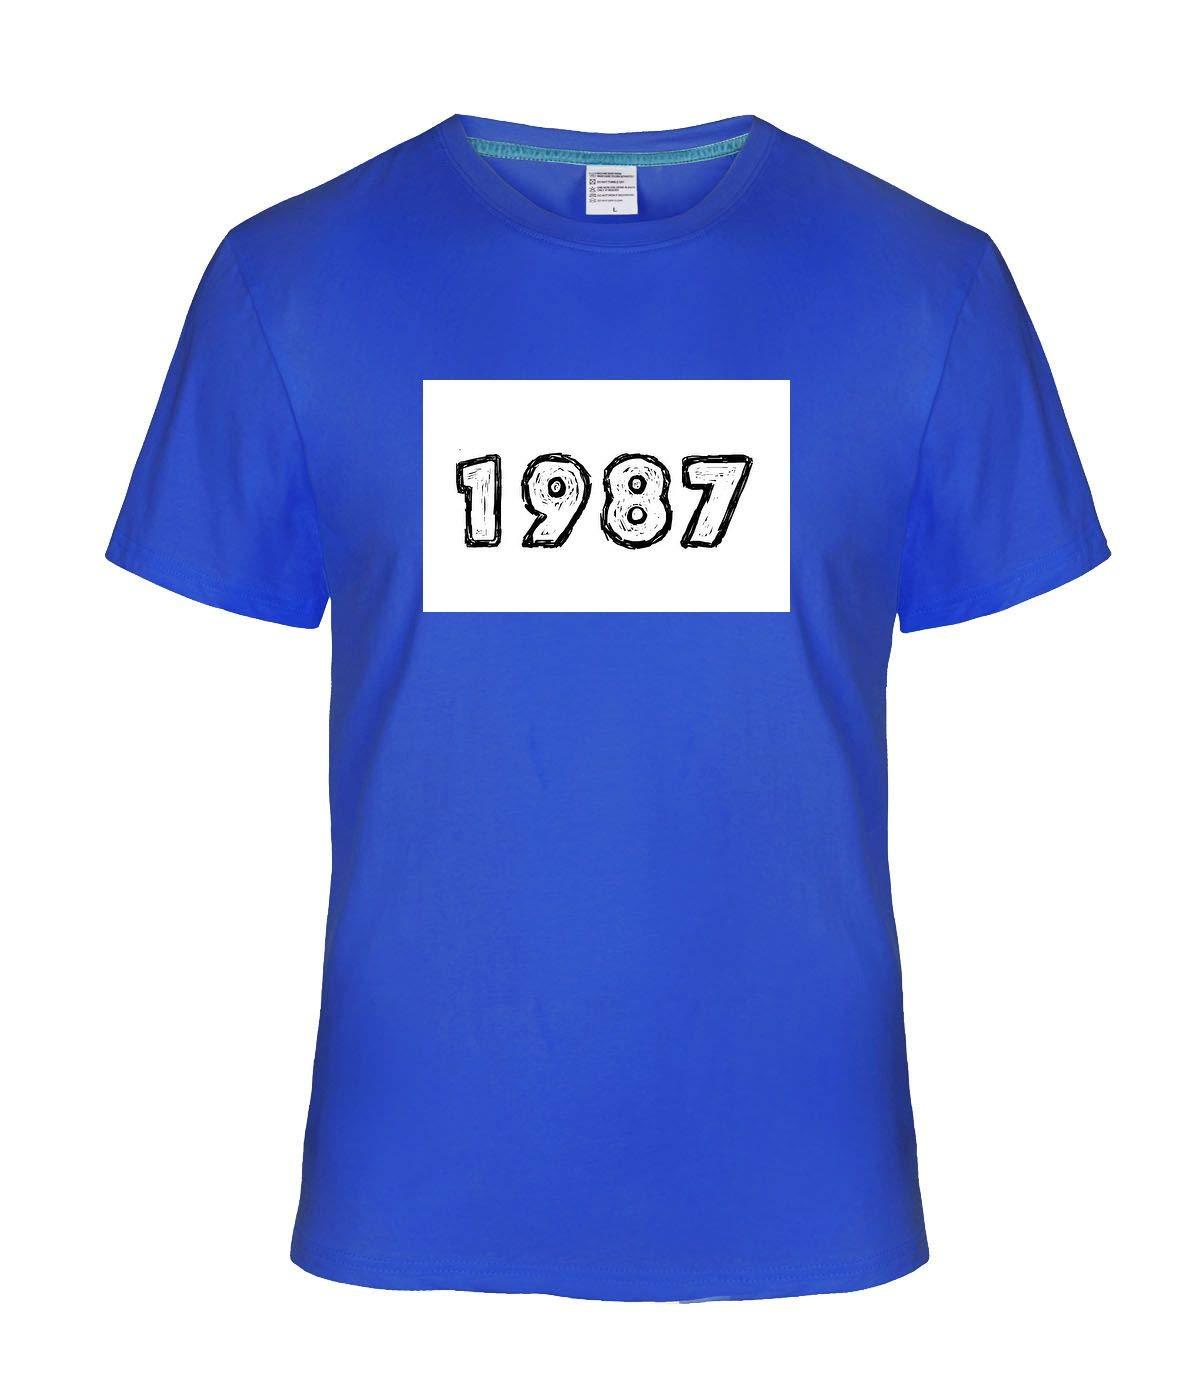 Sxffox 1987 Tshirts For S